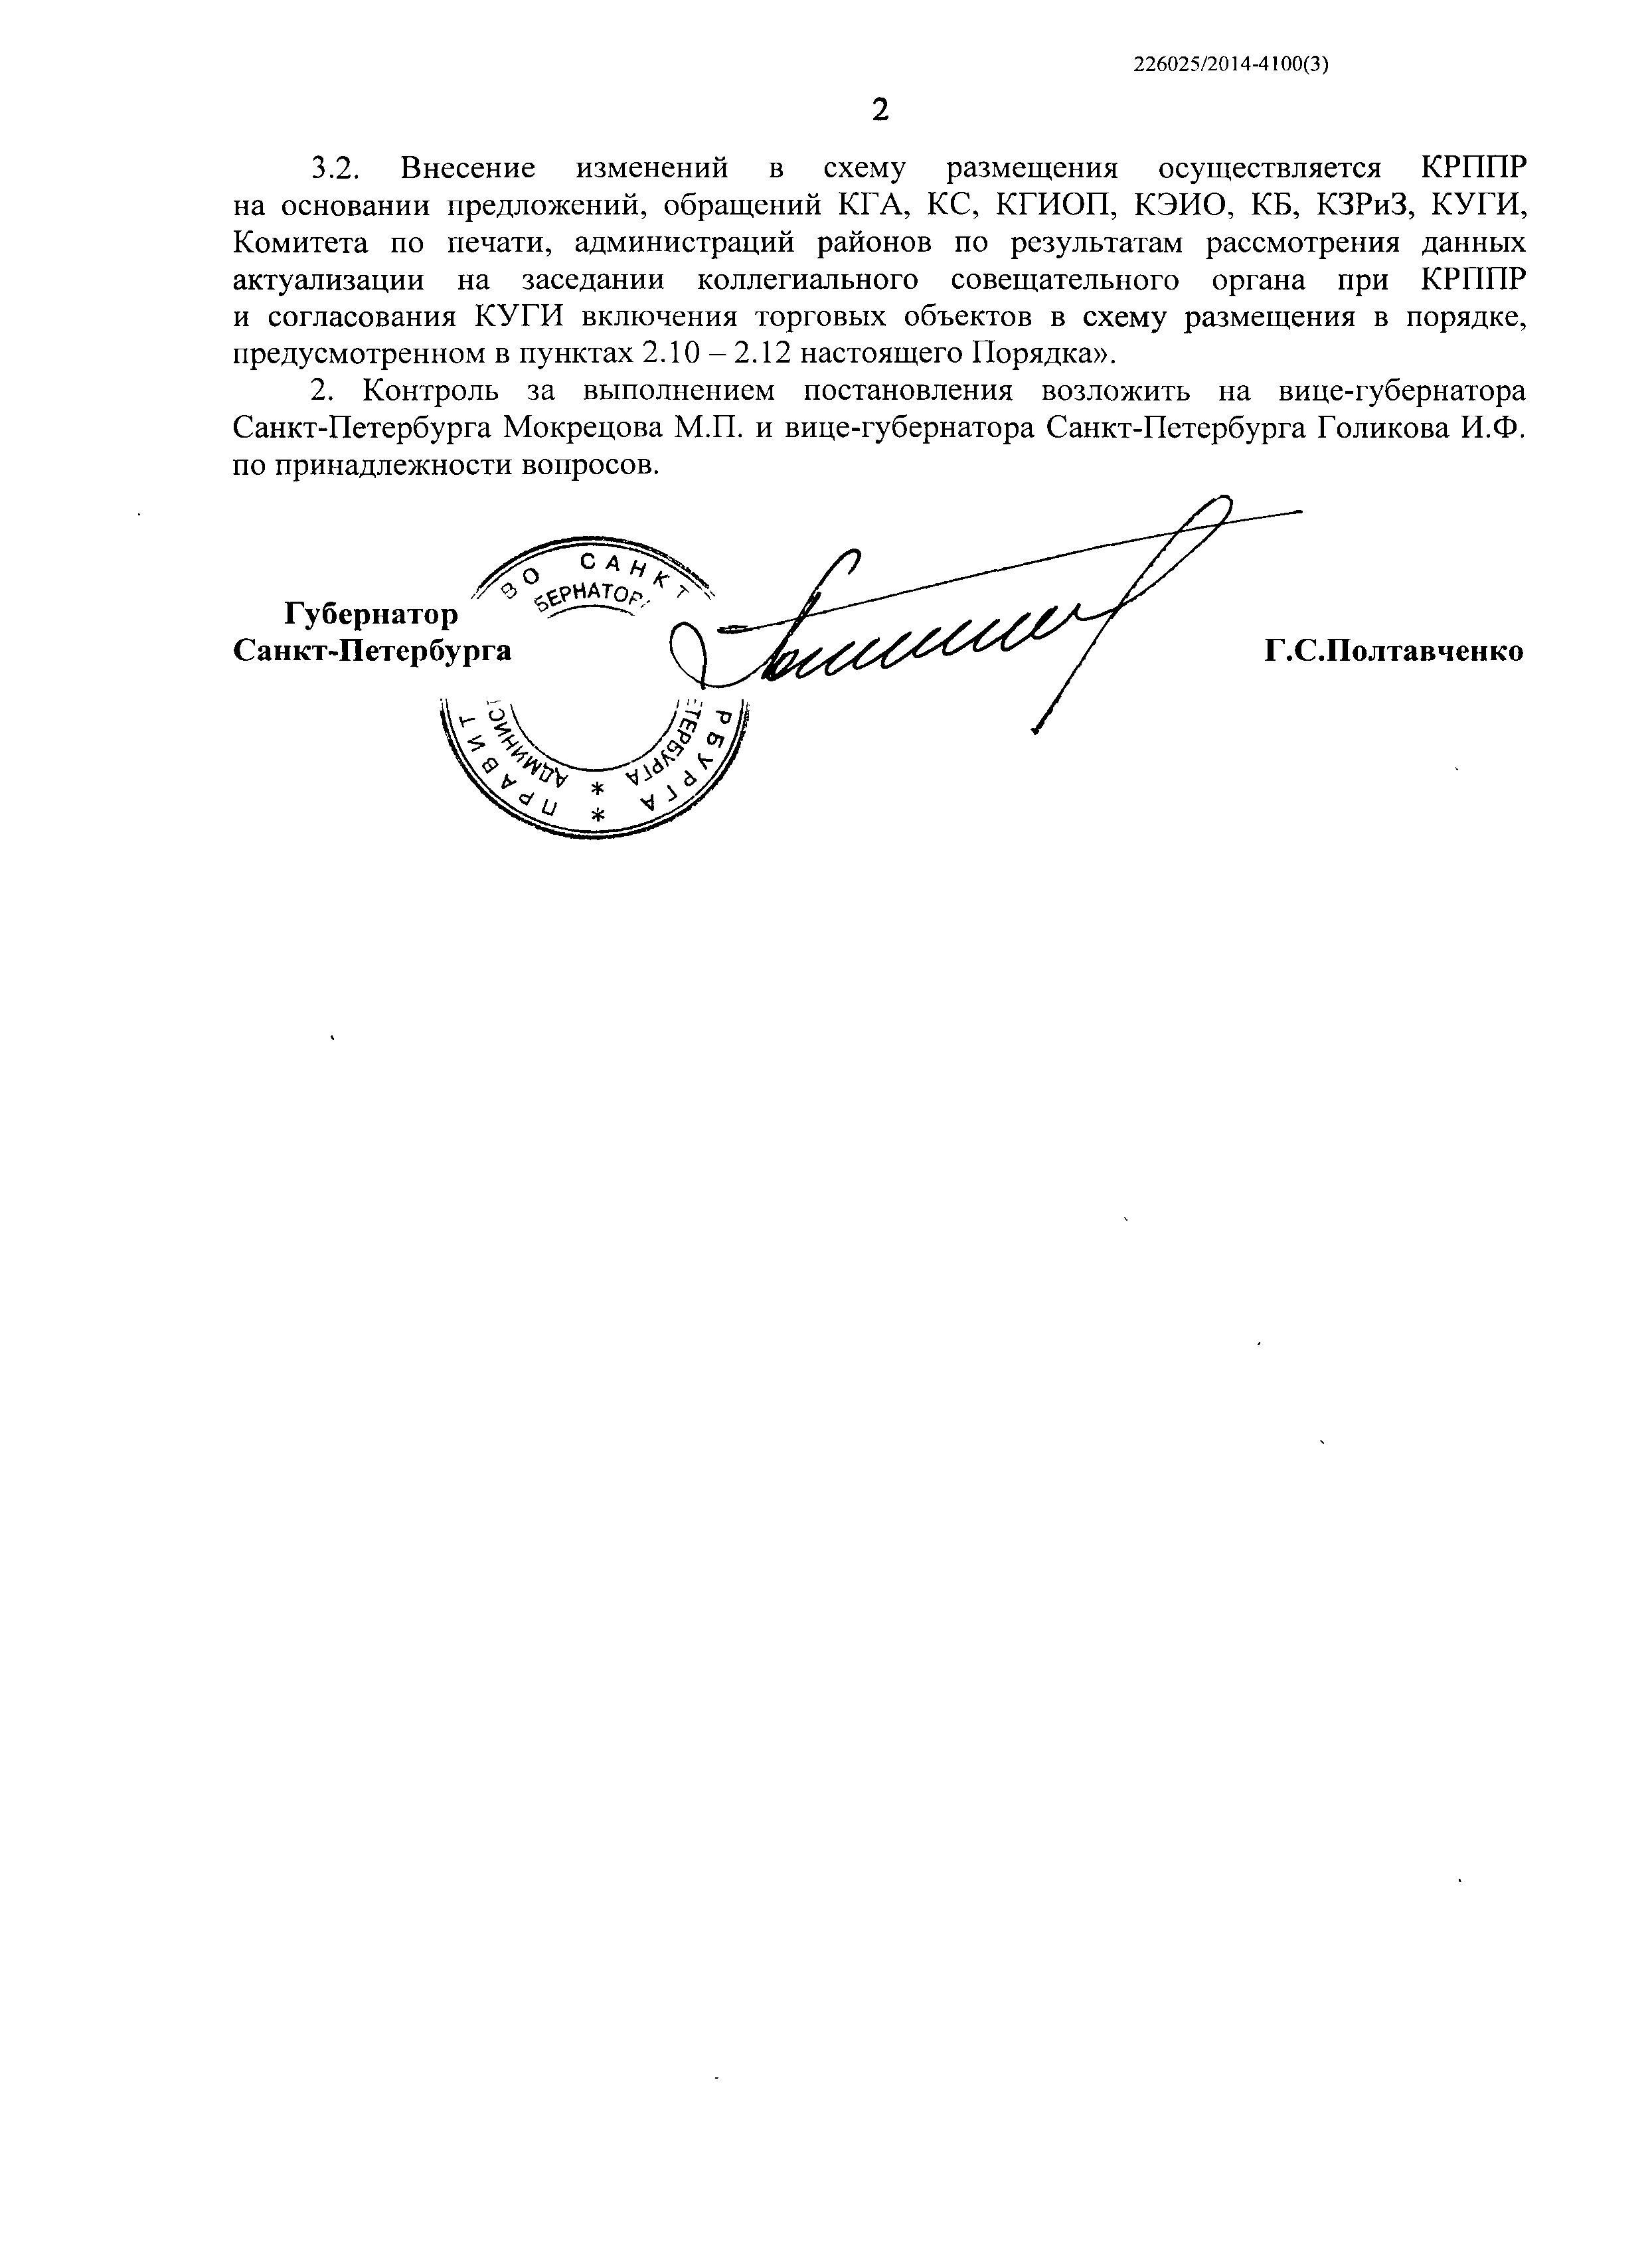 Постановление правительства рф от 27112014 n 1255 о внесении изменения в пункт 4 правил учета нефти